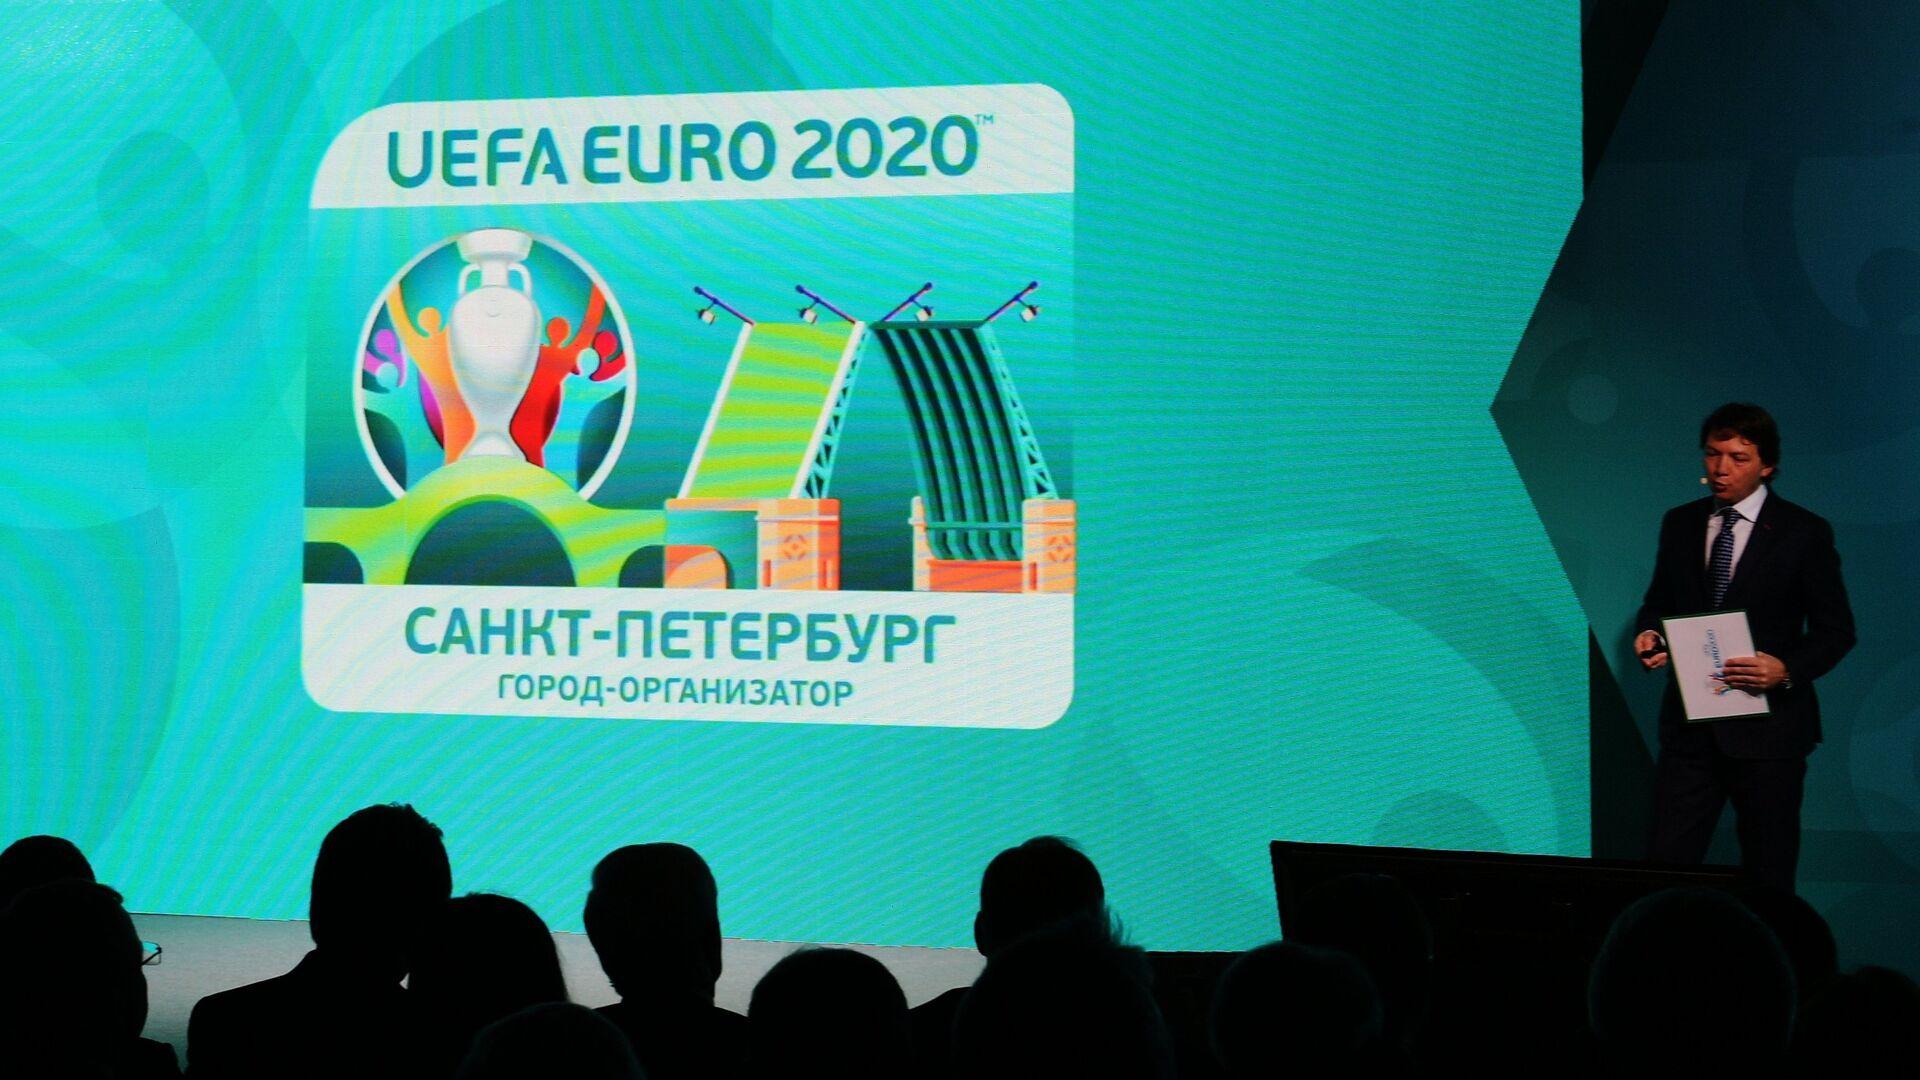 Церемония представления официальной эмблемы Санкт-Петербурга - города-организатора Евро-2020 - РИА Новости, 1920, 17.01.2020